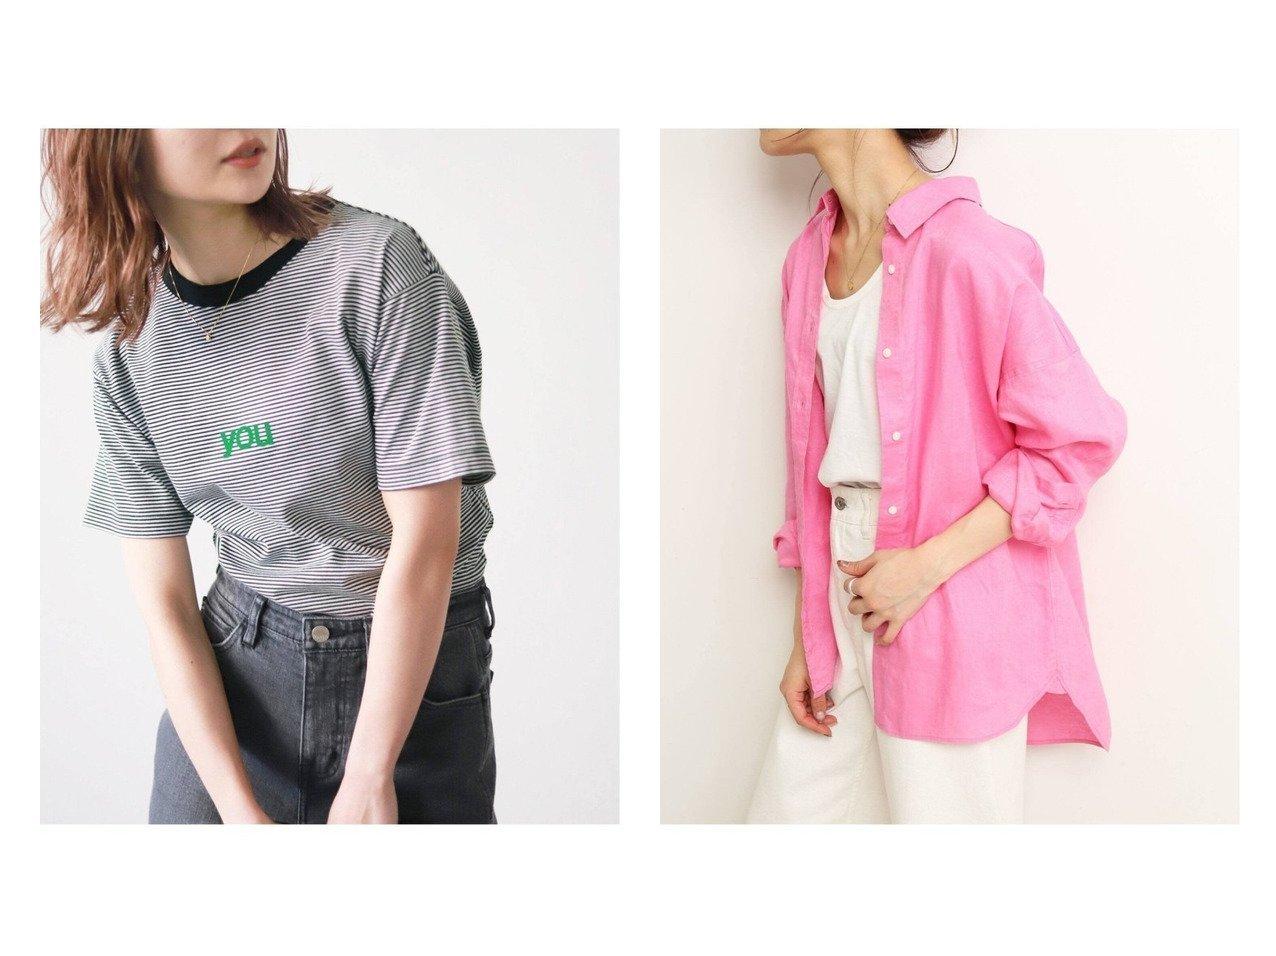 【SLOBE IENA/スローブ イエナ】のS TEE&フレンチリネンウォッシュドオーバーシャツ 【トップス・カットソー】おすすめ!人気、トレンド・レディースファッションの通販 おすすめで人気の流行・トレンド、ファッションの通販商品 インテリア・家具・メンズファッション・キッズファッション・レディースファッション・服の通販 founy(ファニー) https://founy.com/ ファッション Fashion レディースファッション WOMEN トップス・カットソー Tops/Tshirt シャツ/ブラウス Shirts/Blouses ロング / Tシャツ T-Shirts カットソー Cut and Sewn 2021年 2021 2021春夏・S/S SS/Spring/Summer/2021 S/S・春夏 SS・Spring/Summer カットソー ギンガム チェック フレンチ リネン |ID:crp329100000041768